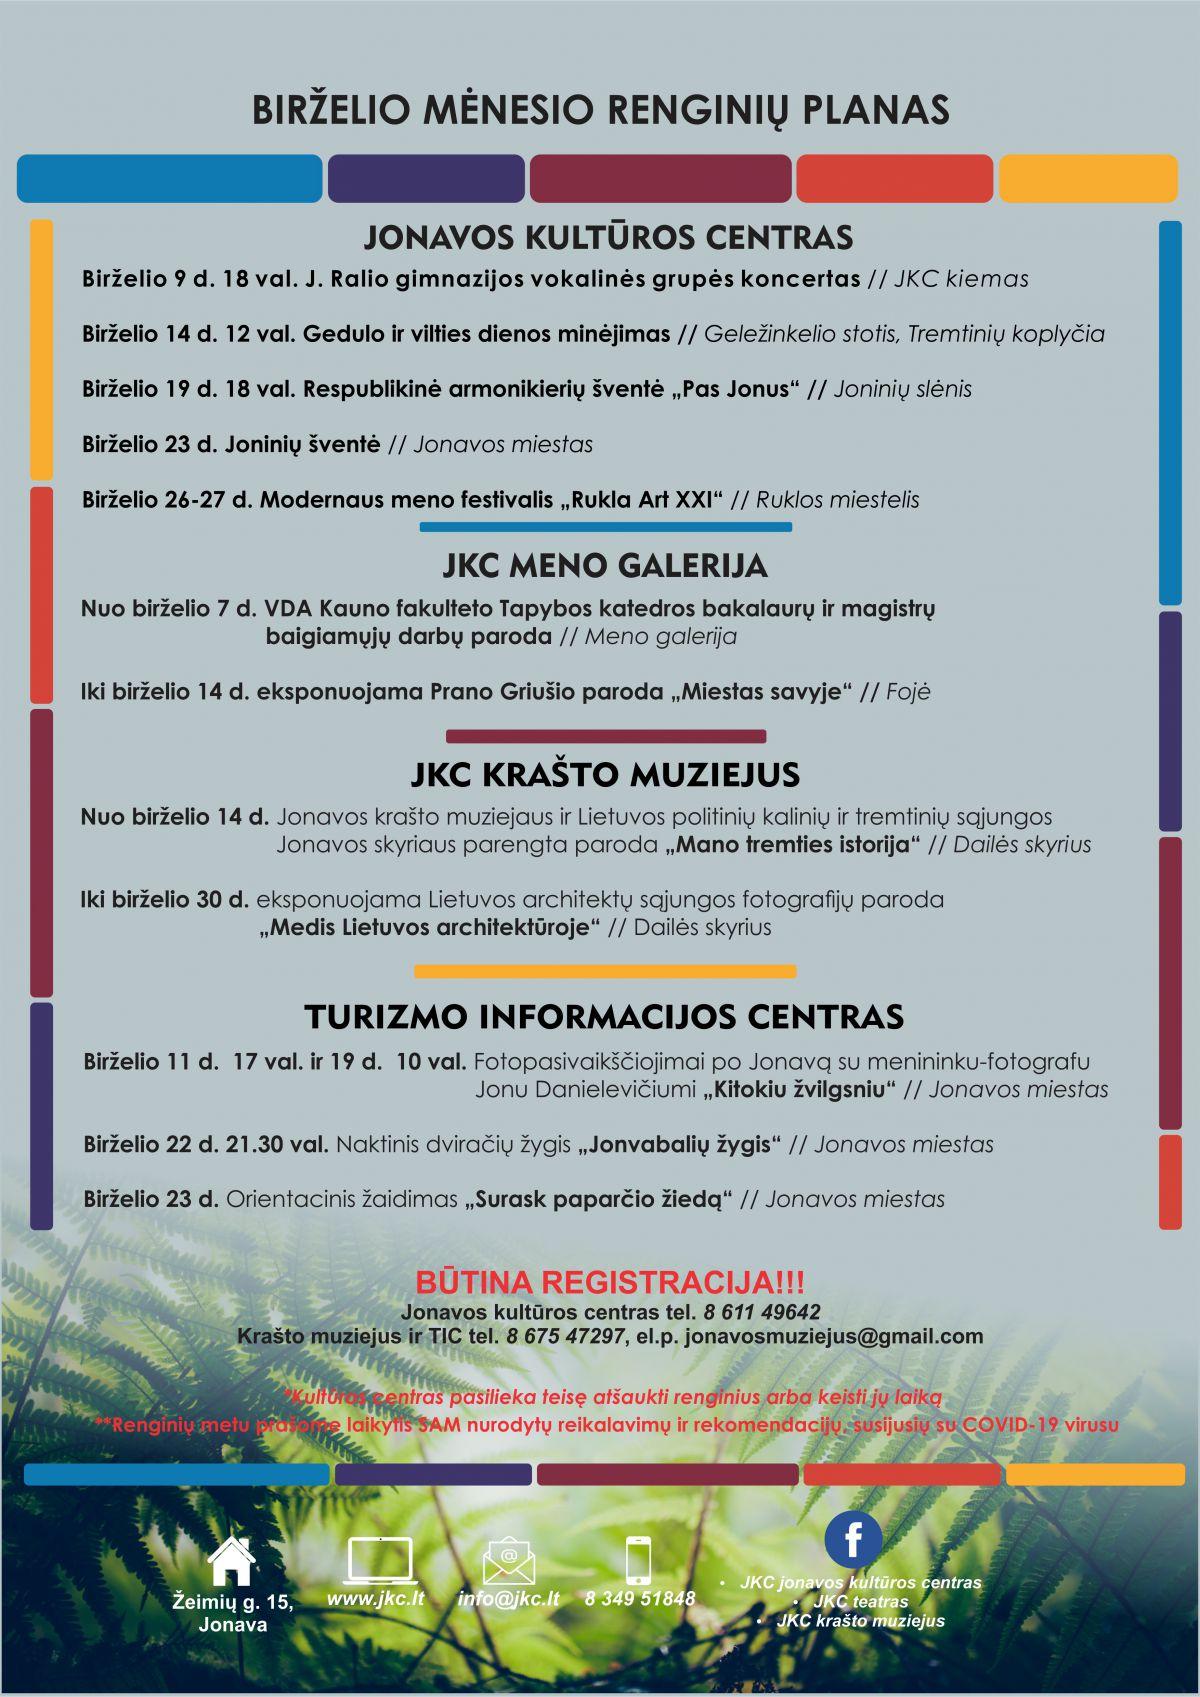 Birželio mėnesio renginių planas